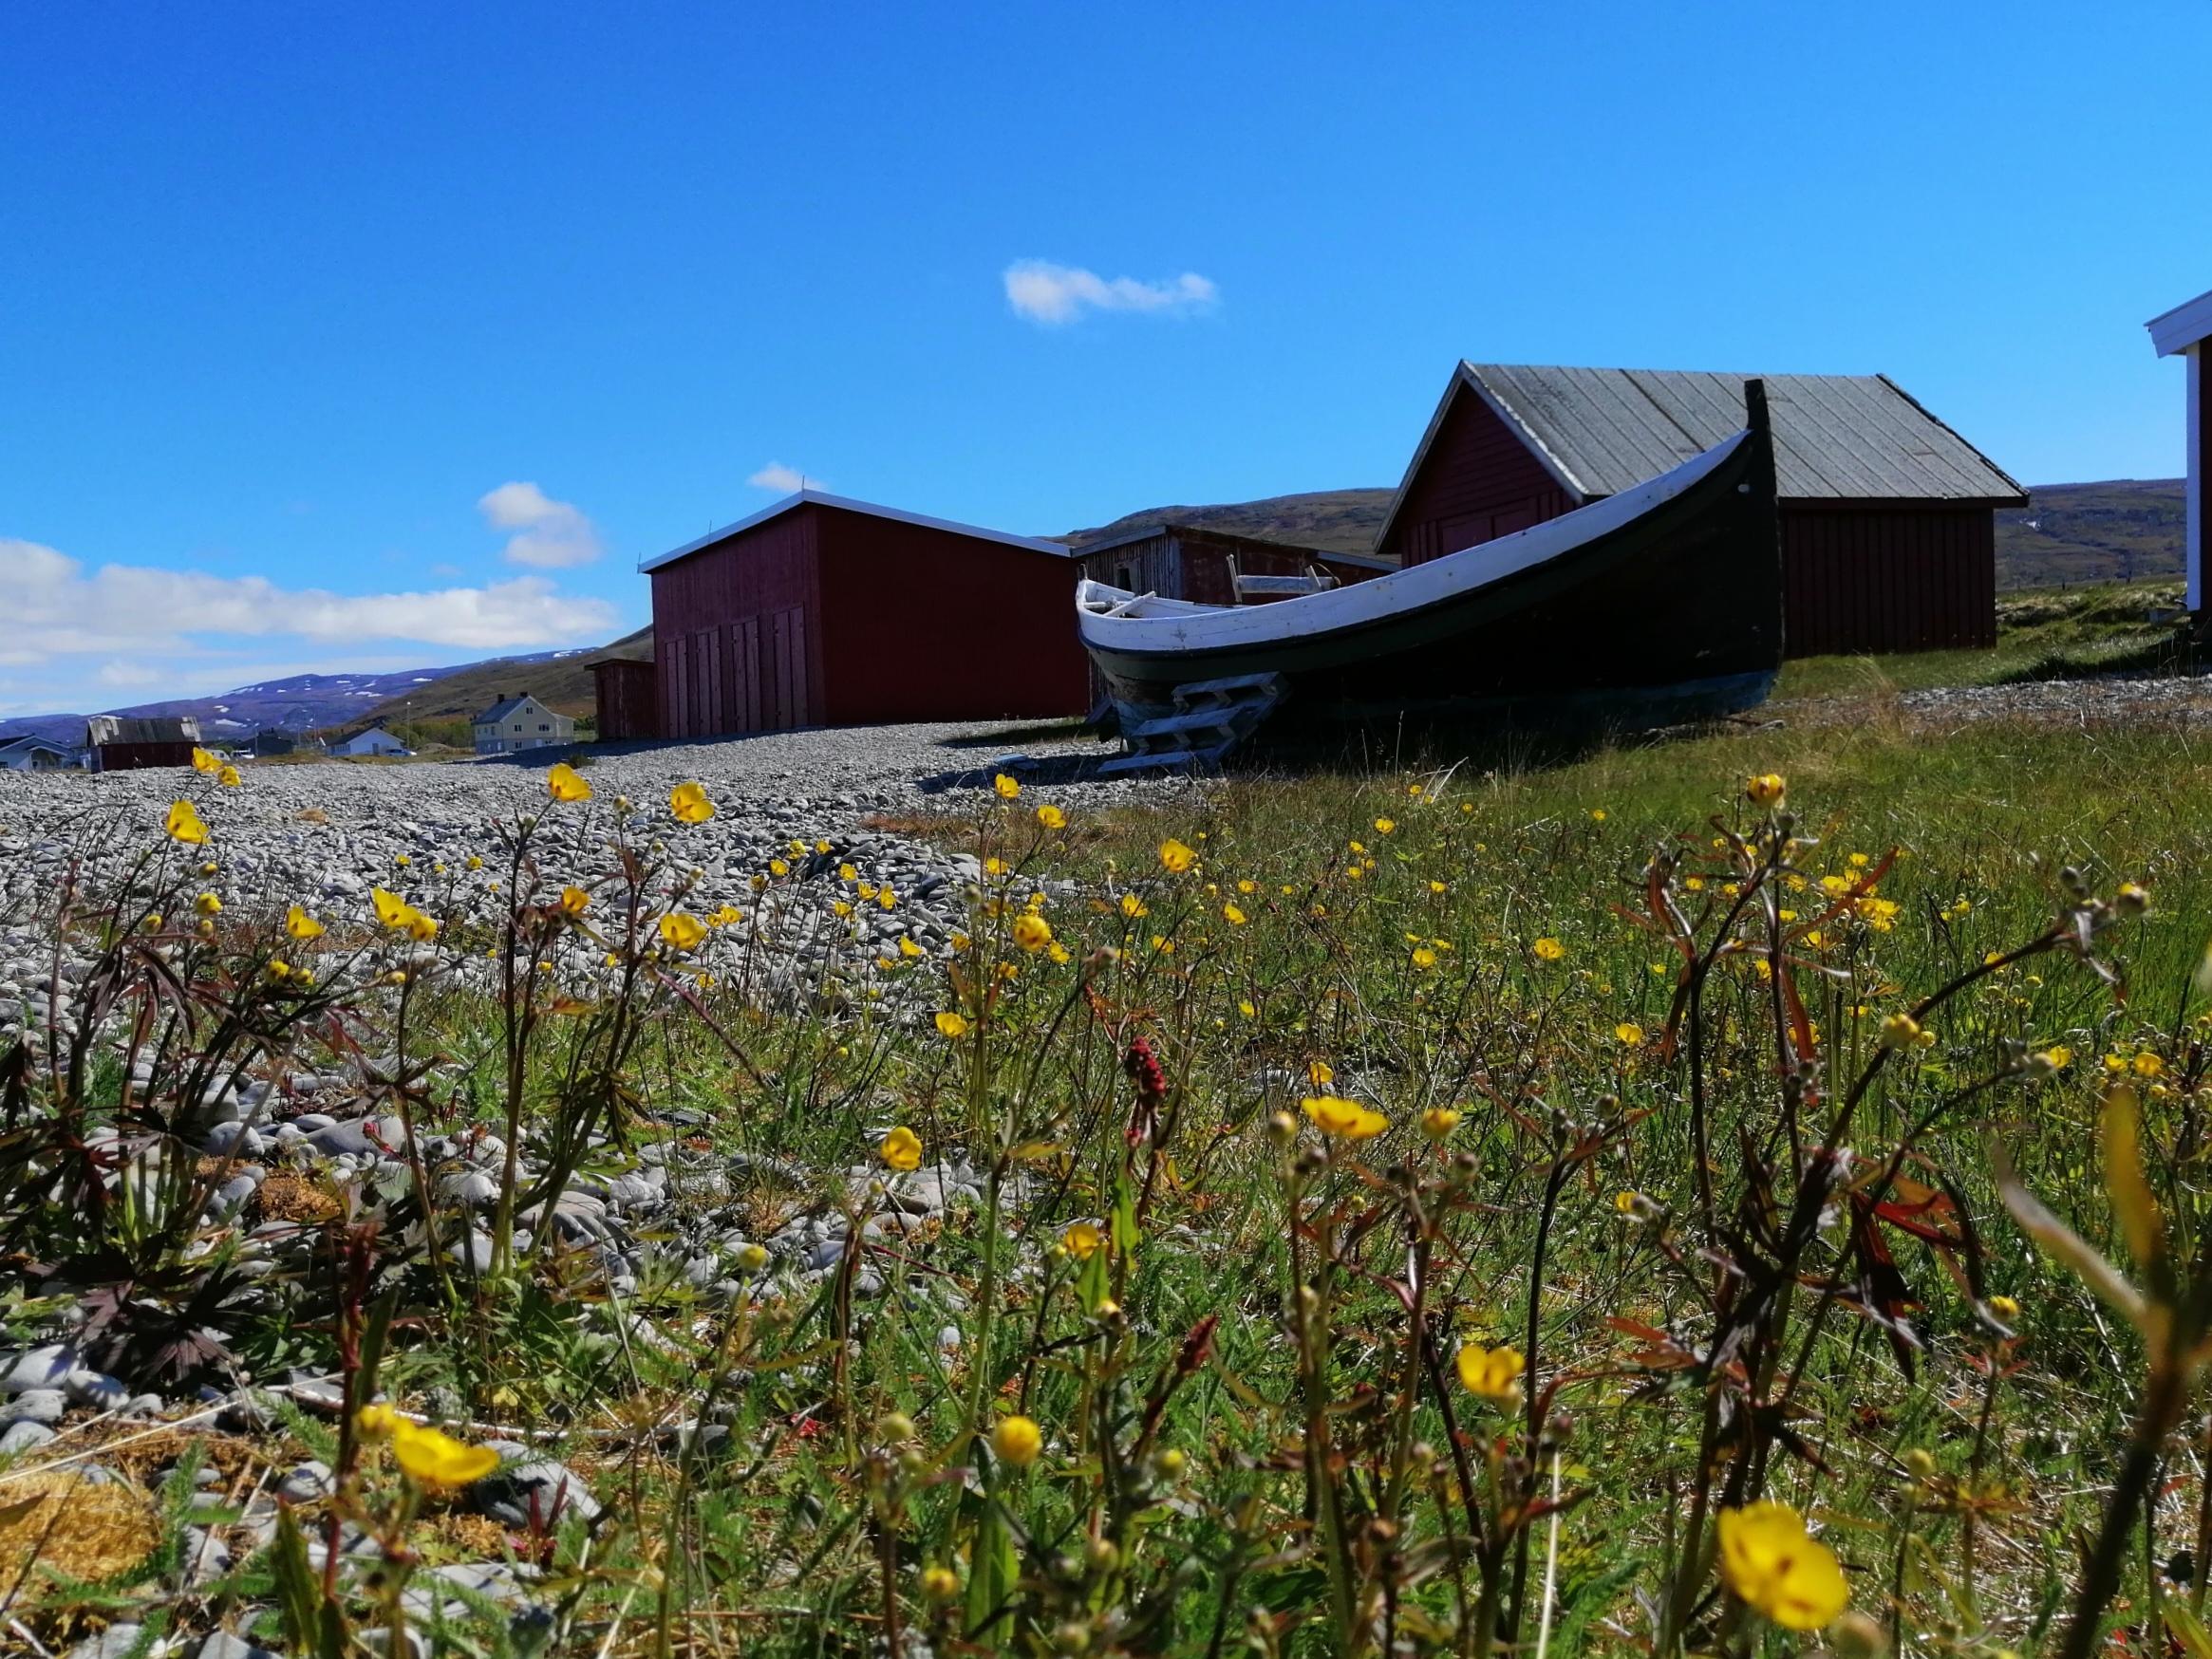 Gule smørblomster i forgrunn. Nordlandsbåt og en rekke røde naust på stranda i Kokelv i bakgrunnen. Sol og blå himmel.